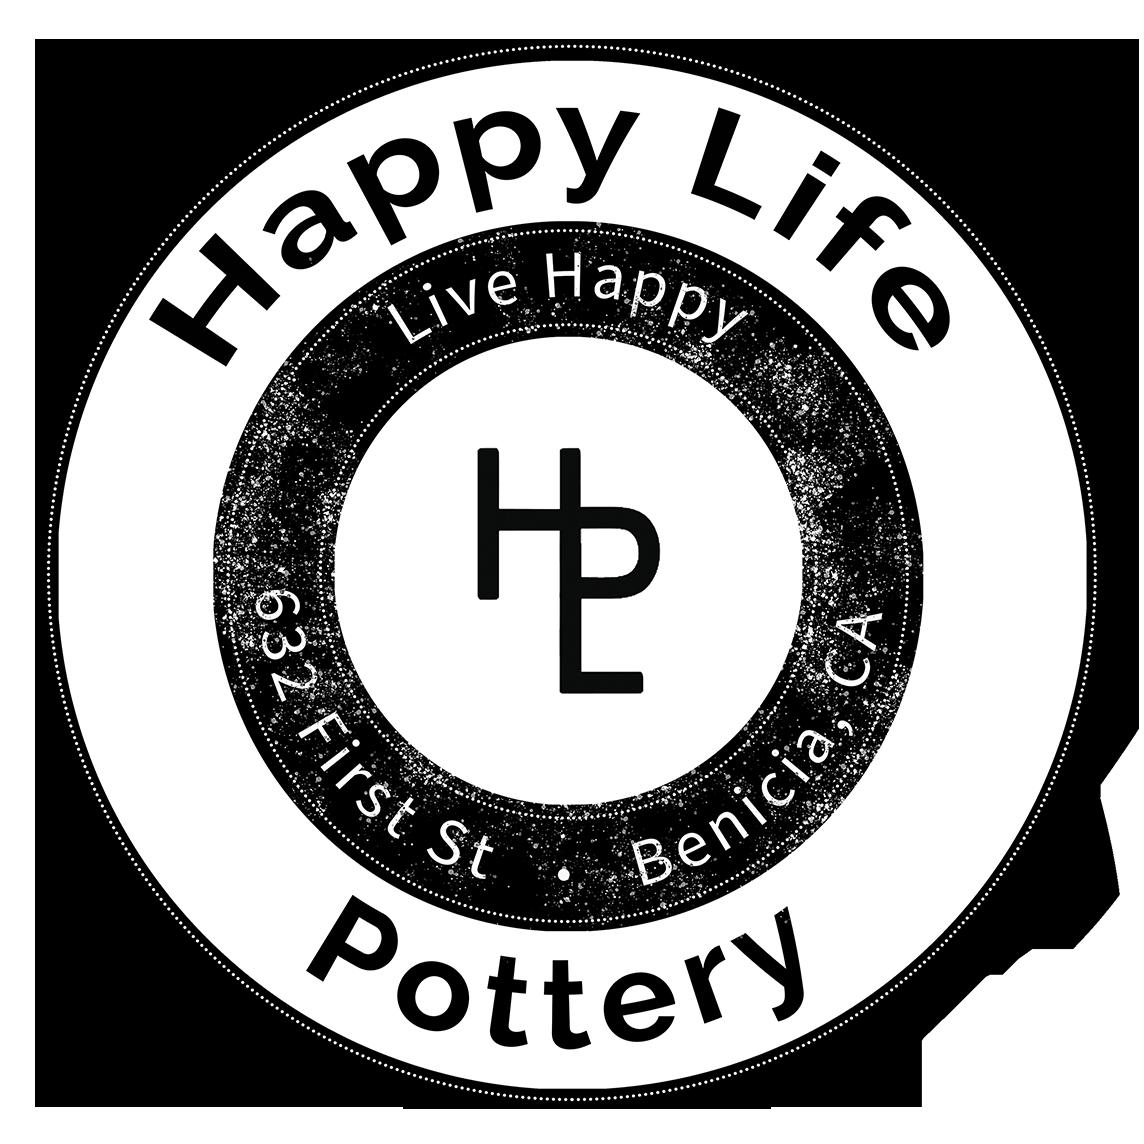 Happy Life Pottery